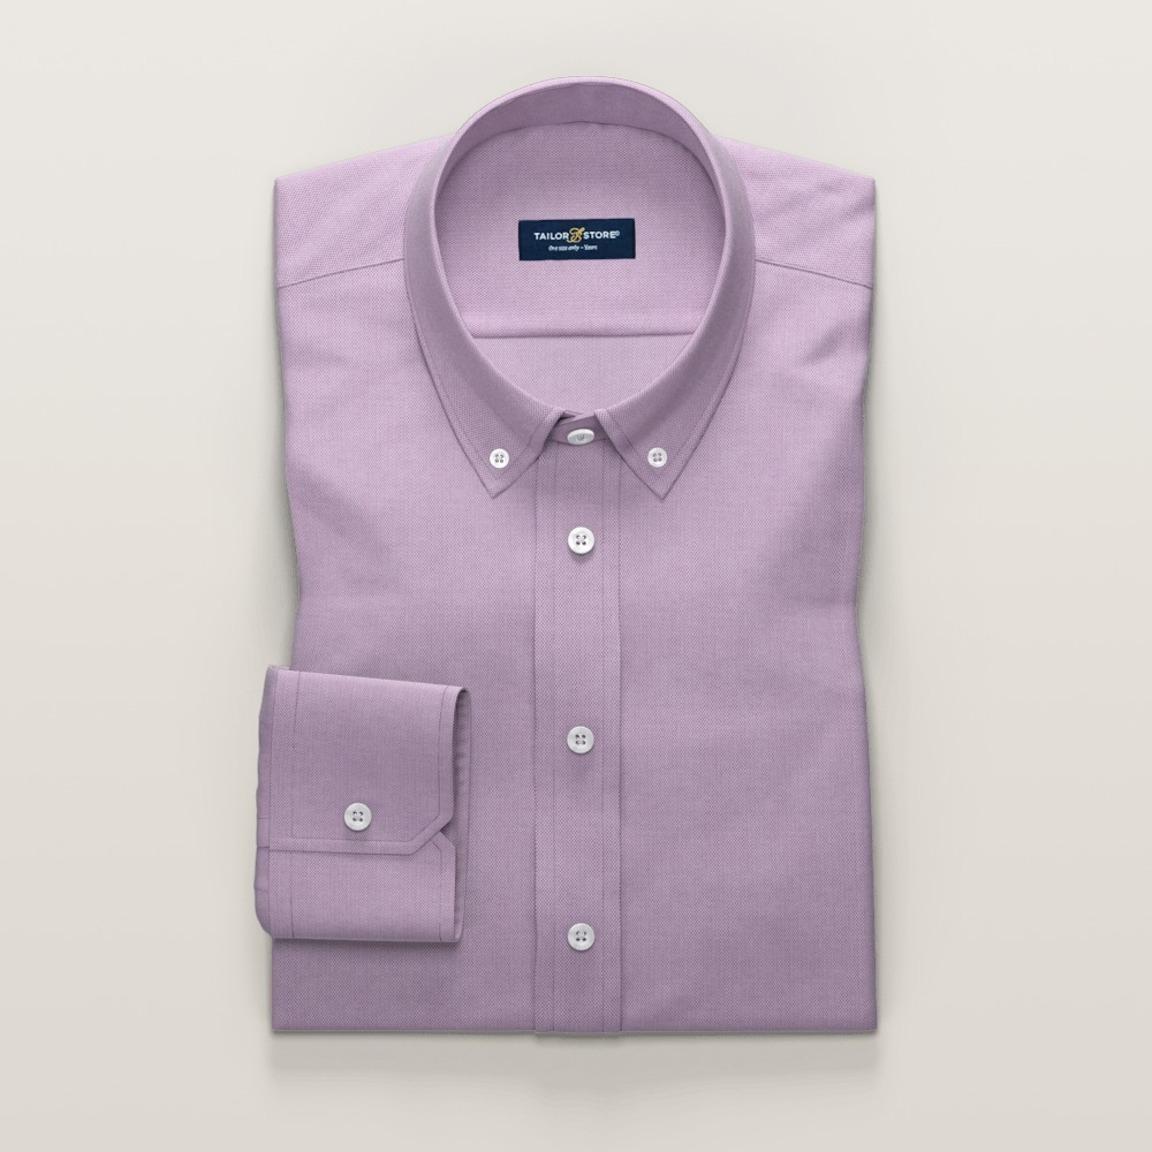 Fioletowa koszula o splocie drobnowzorzystym